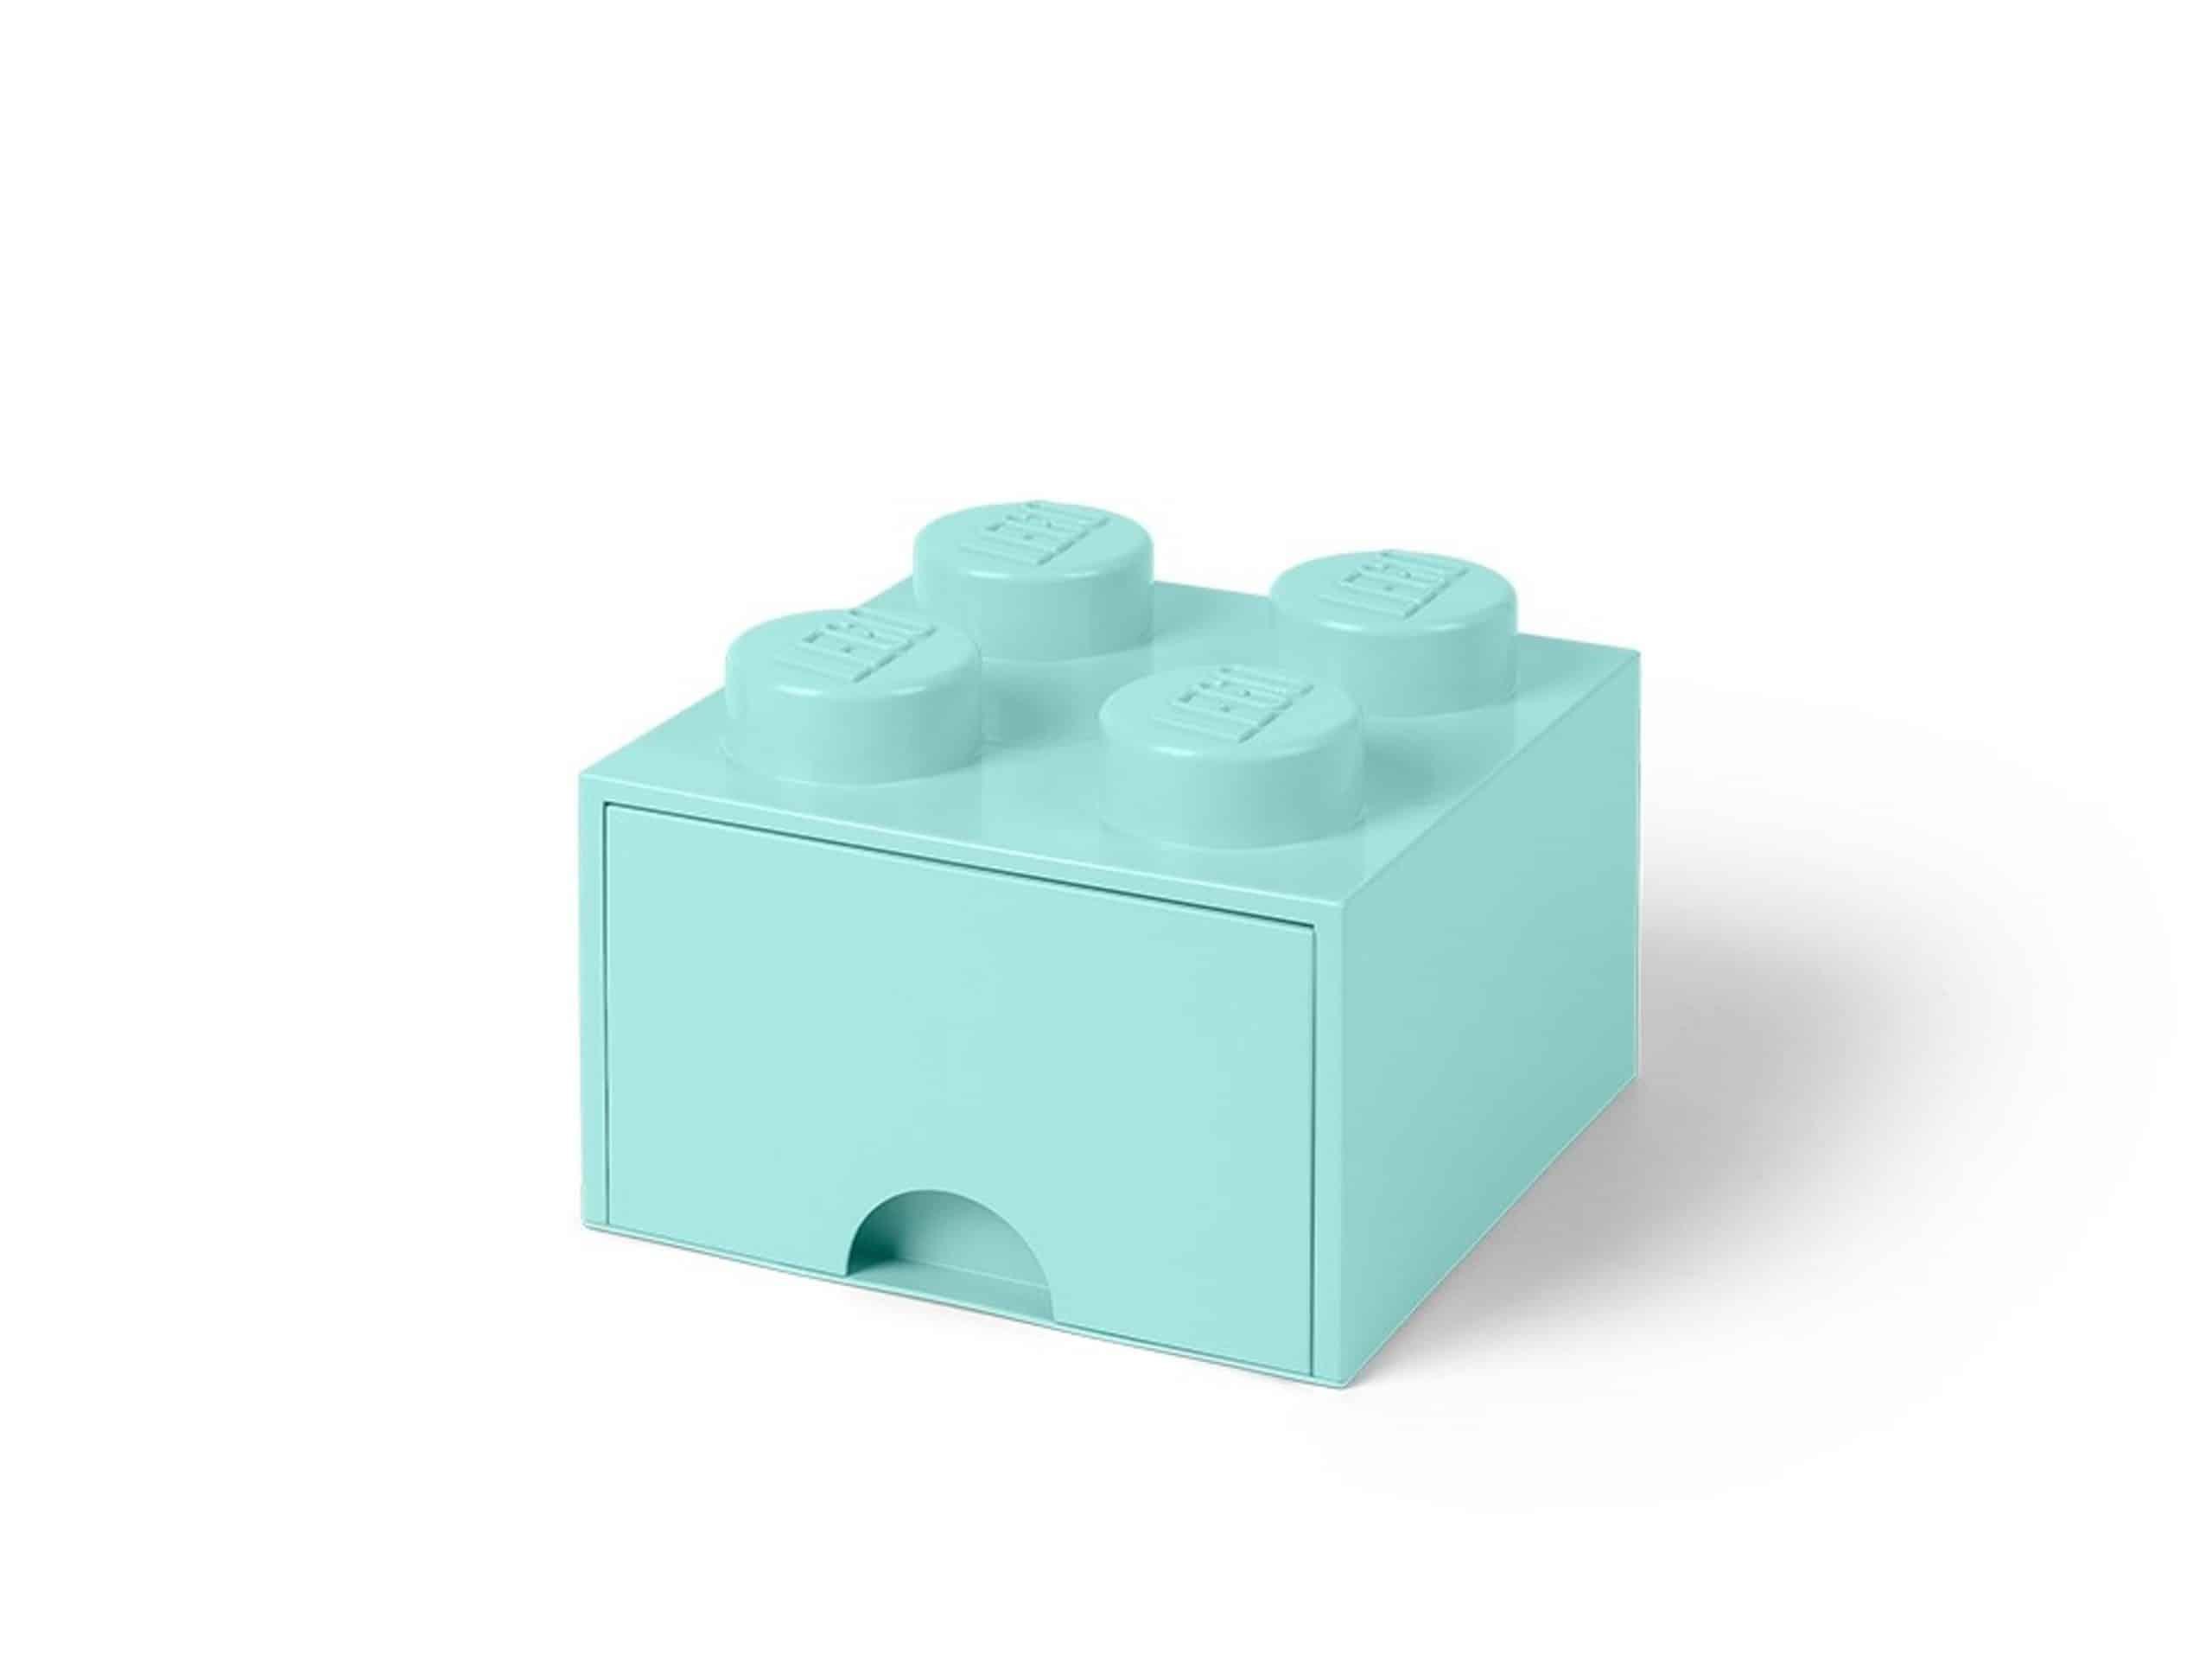 brique bleu clair aqua de rangement lego 5005714 a tiroir et a 4 tenons scaled